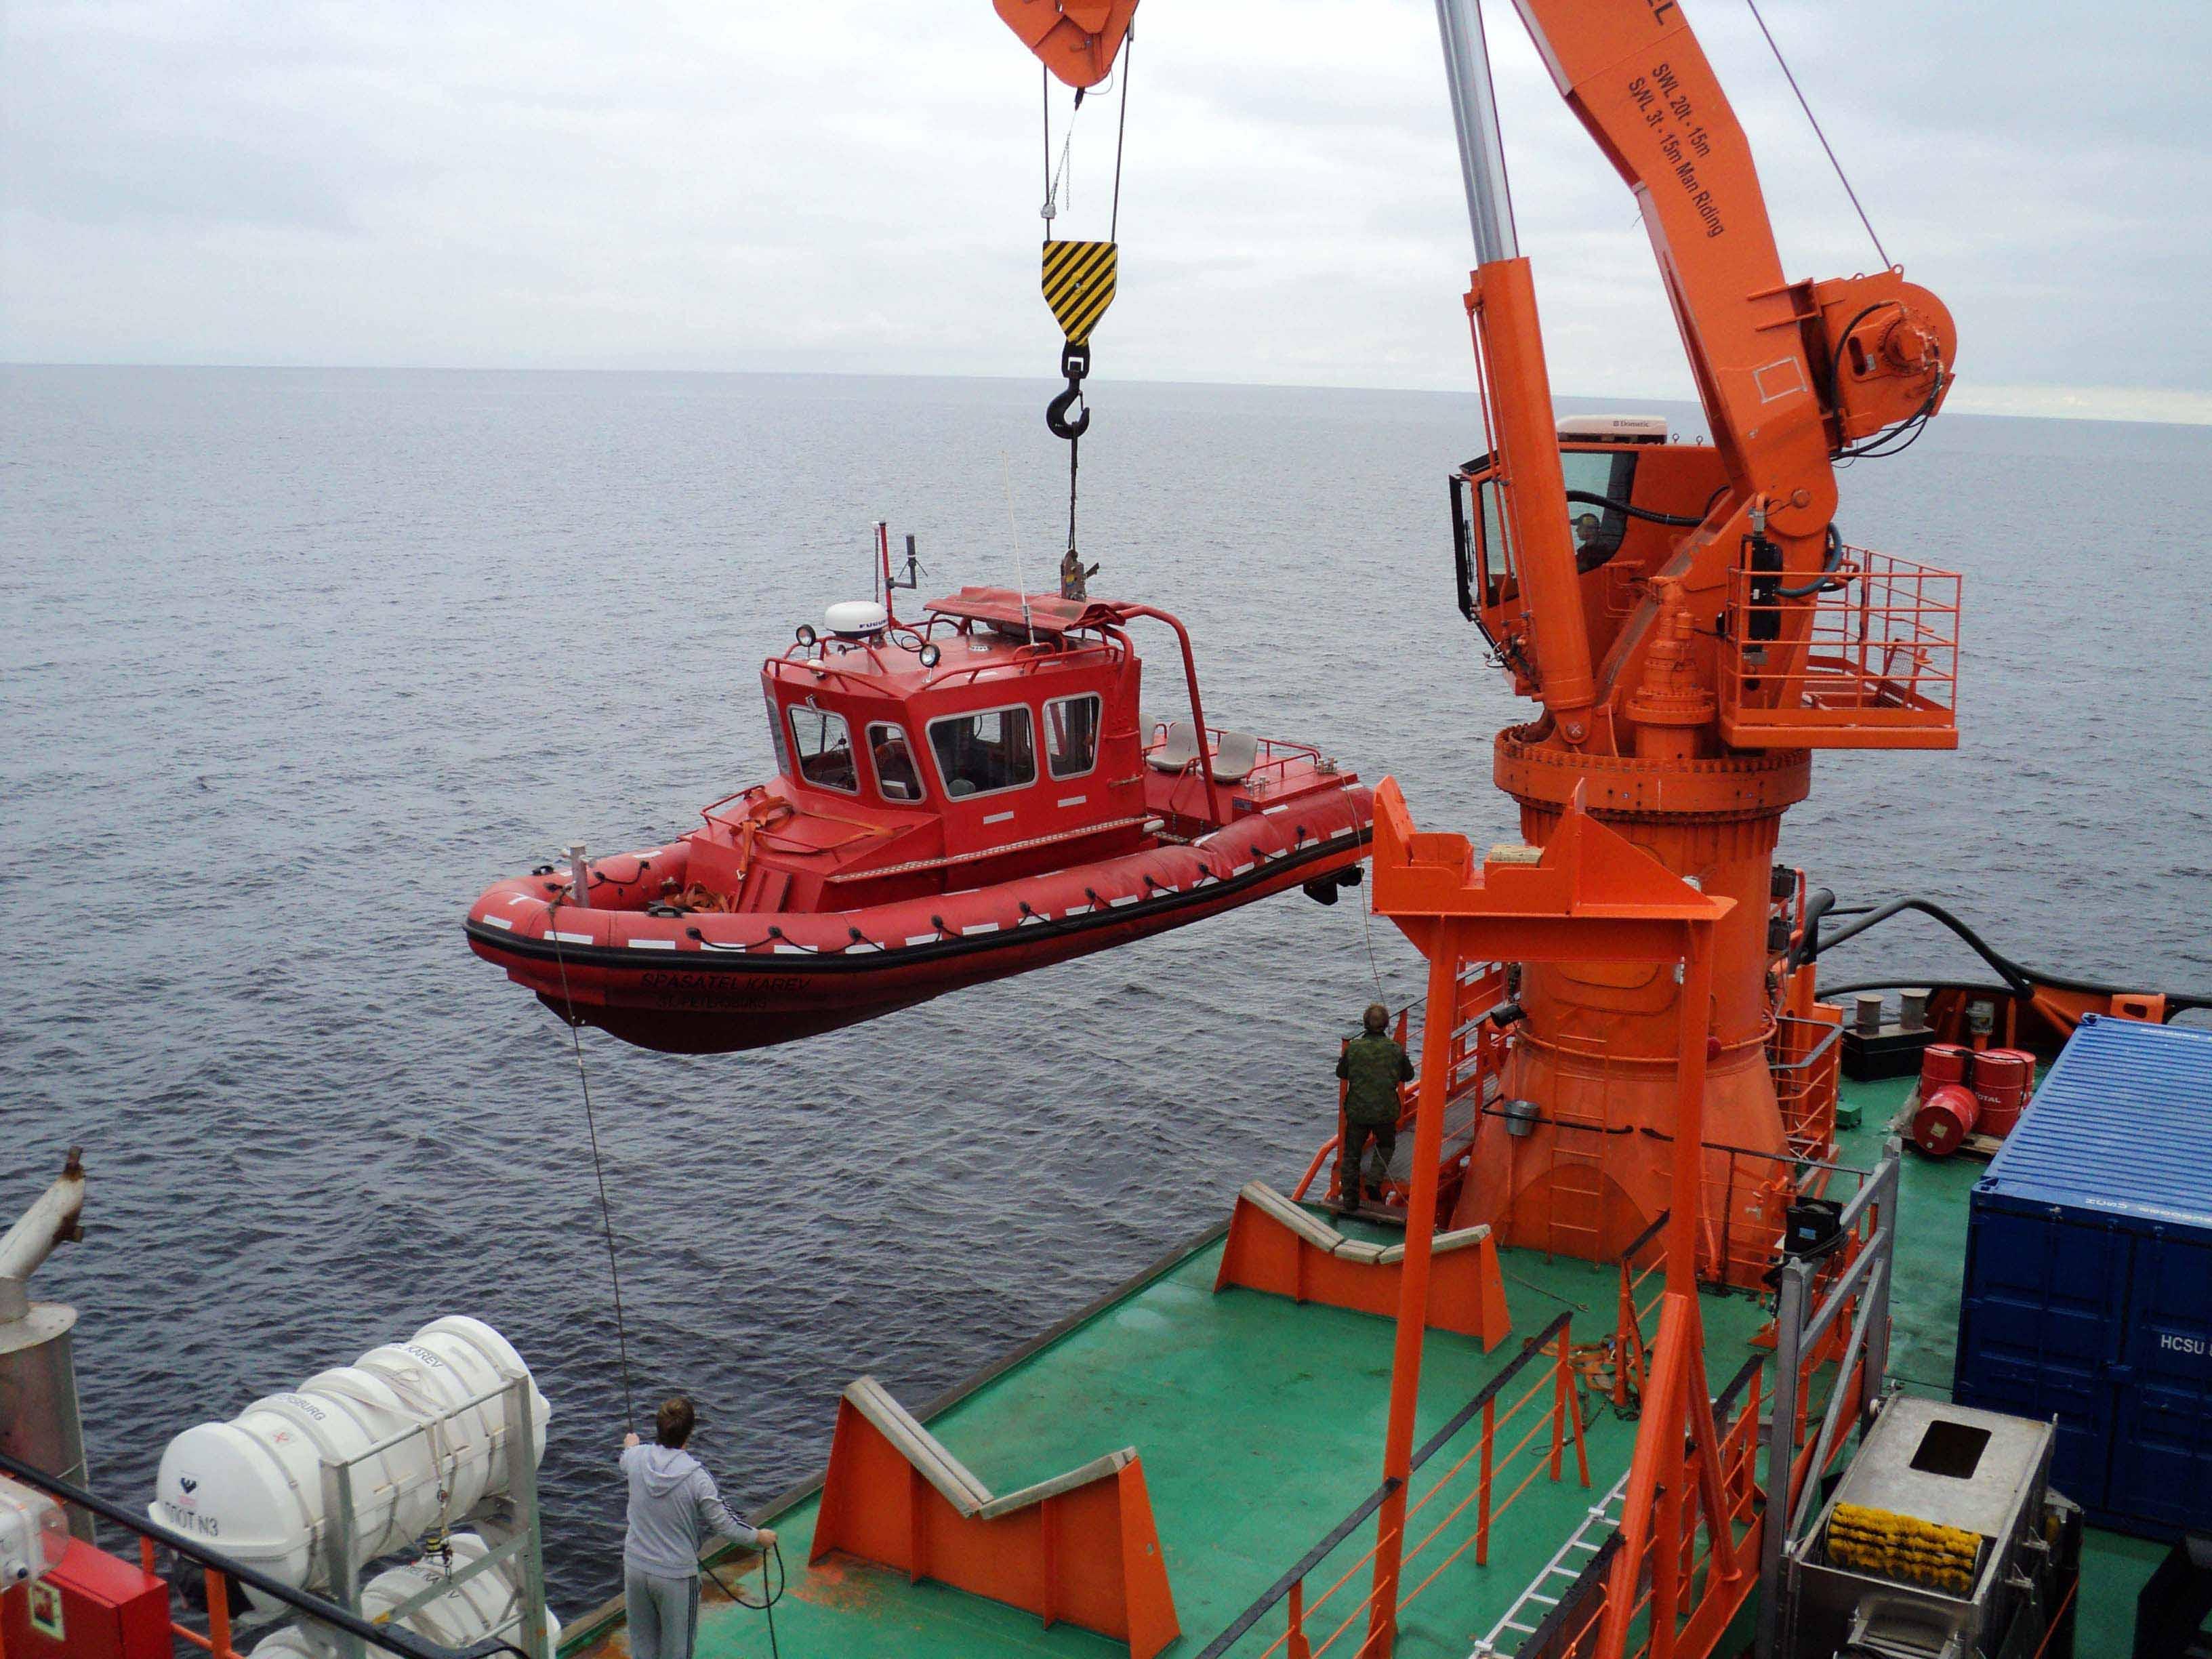 шлюпбалки на кораблях и судах фото свойств этих элементов